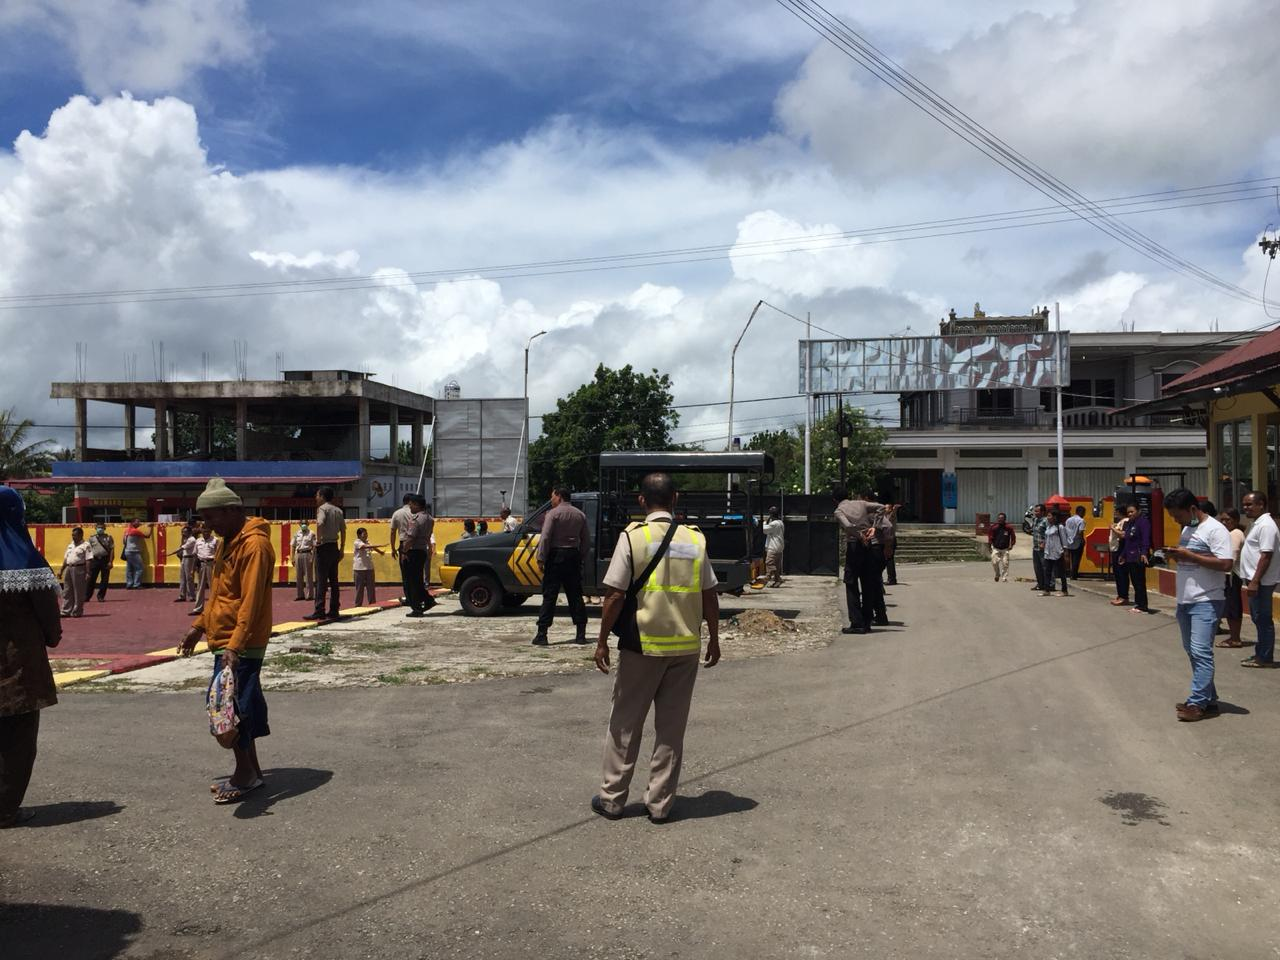 Cegah Covid-19, Personil Polres TTS dan Masyarakat Berjemur